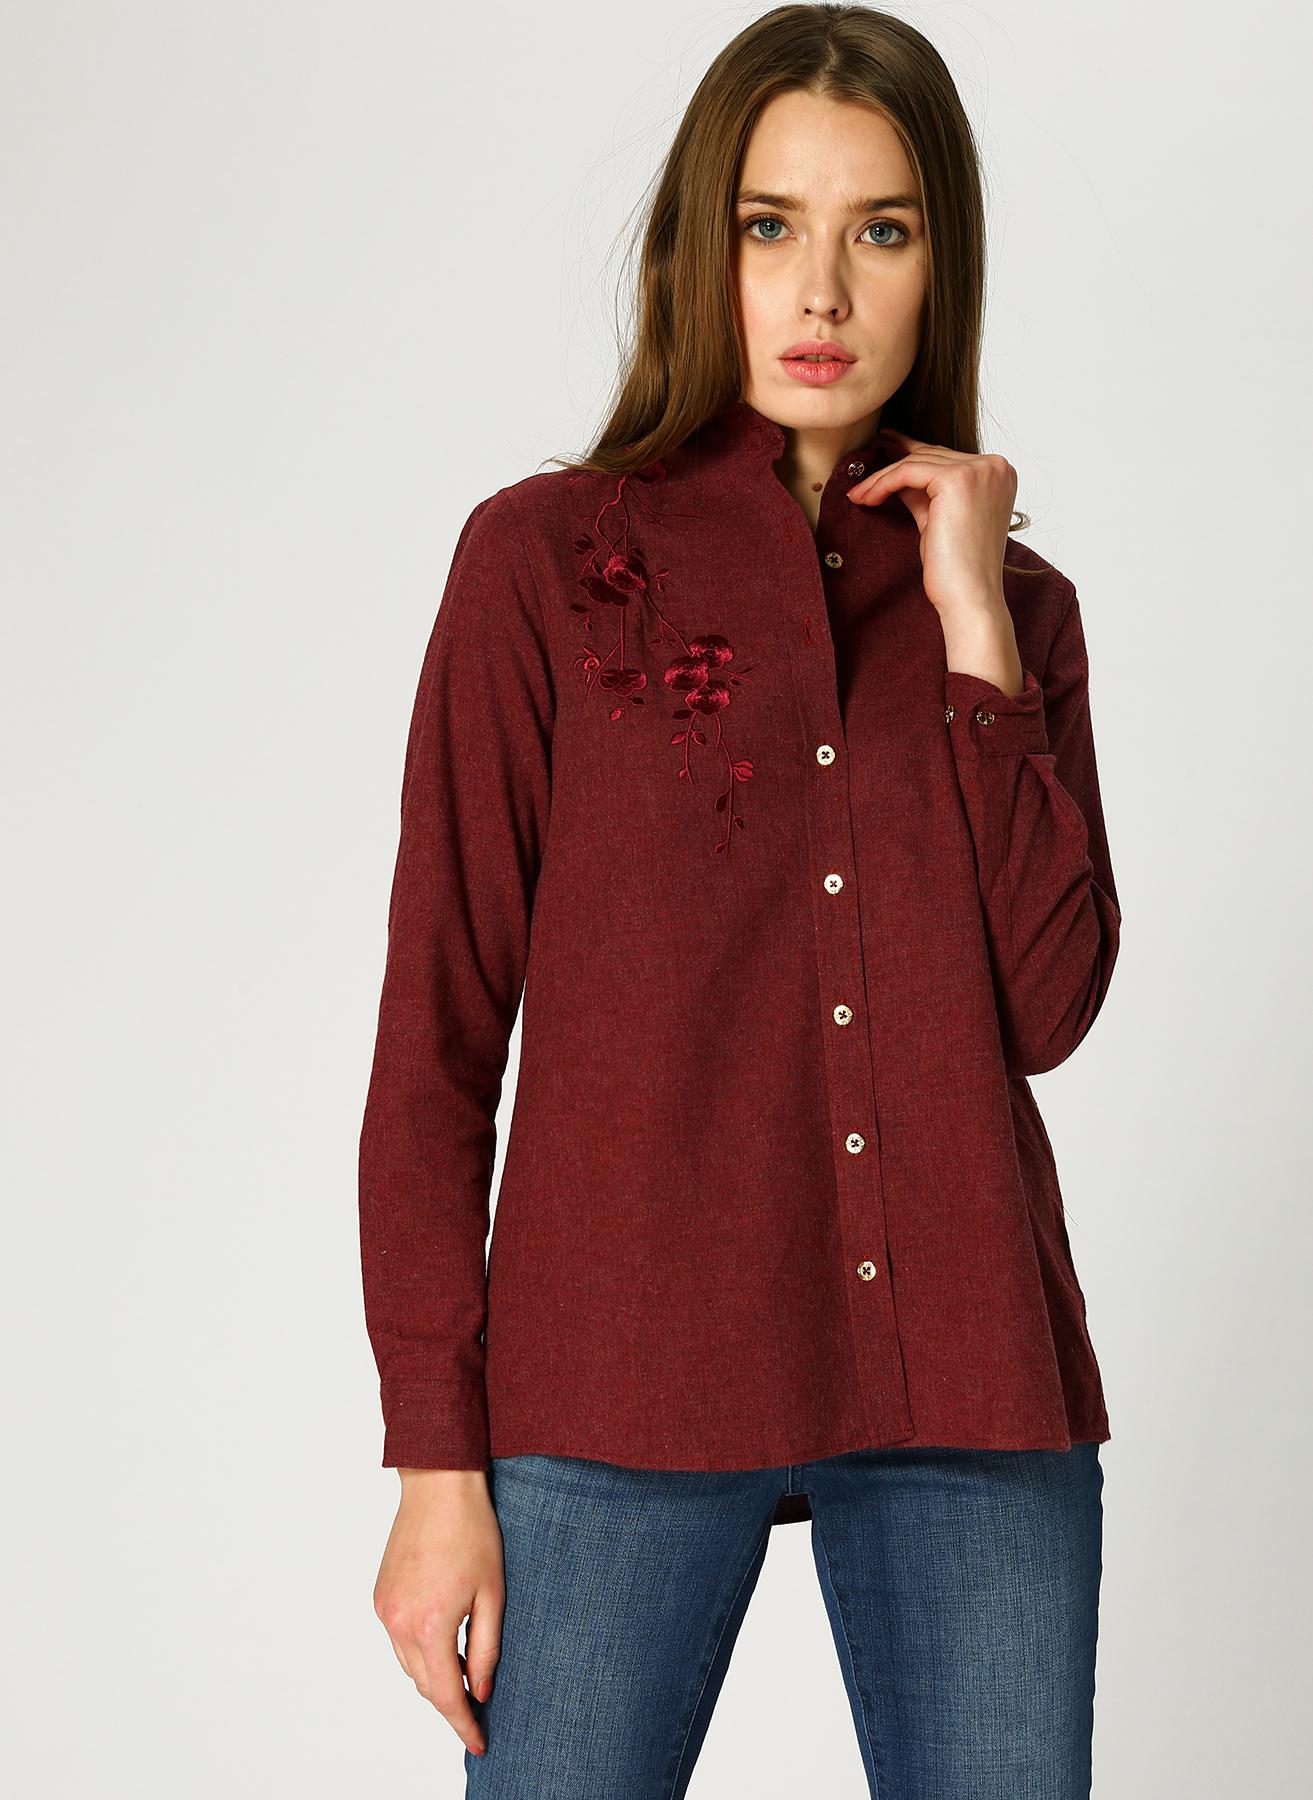 U.S. Polo Assn. Nakışlı Kırmızı Gömlek 38 5002346736003 Ürün Resmi